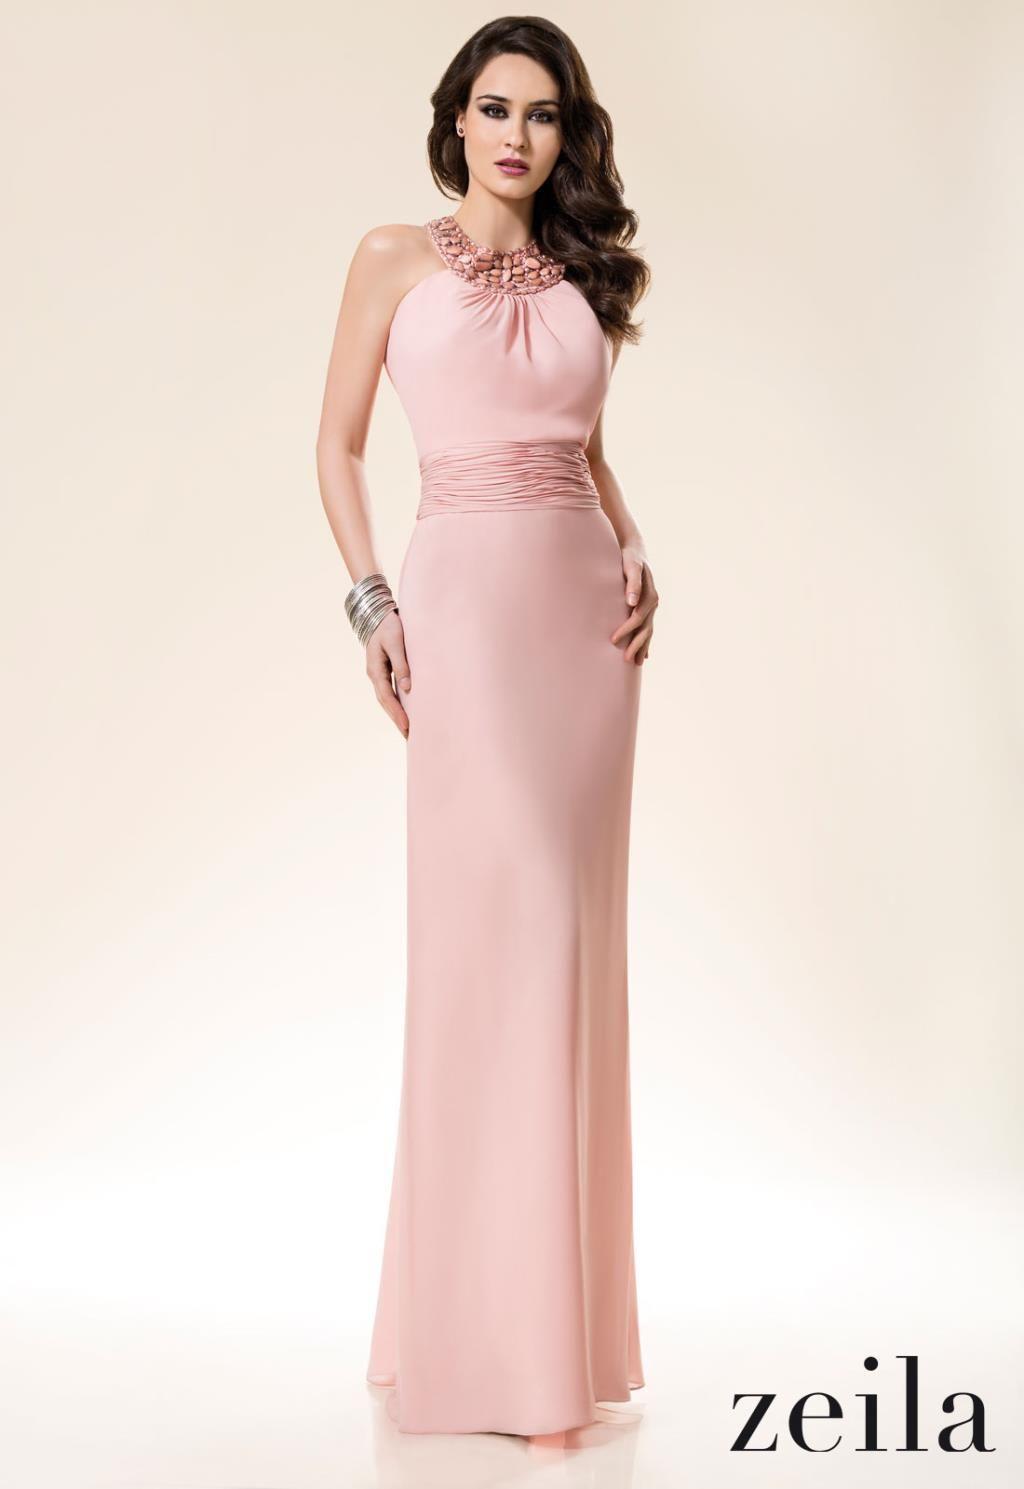 vestido color palo de rosa | vestidos brittany | Pinterest ...